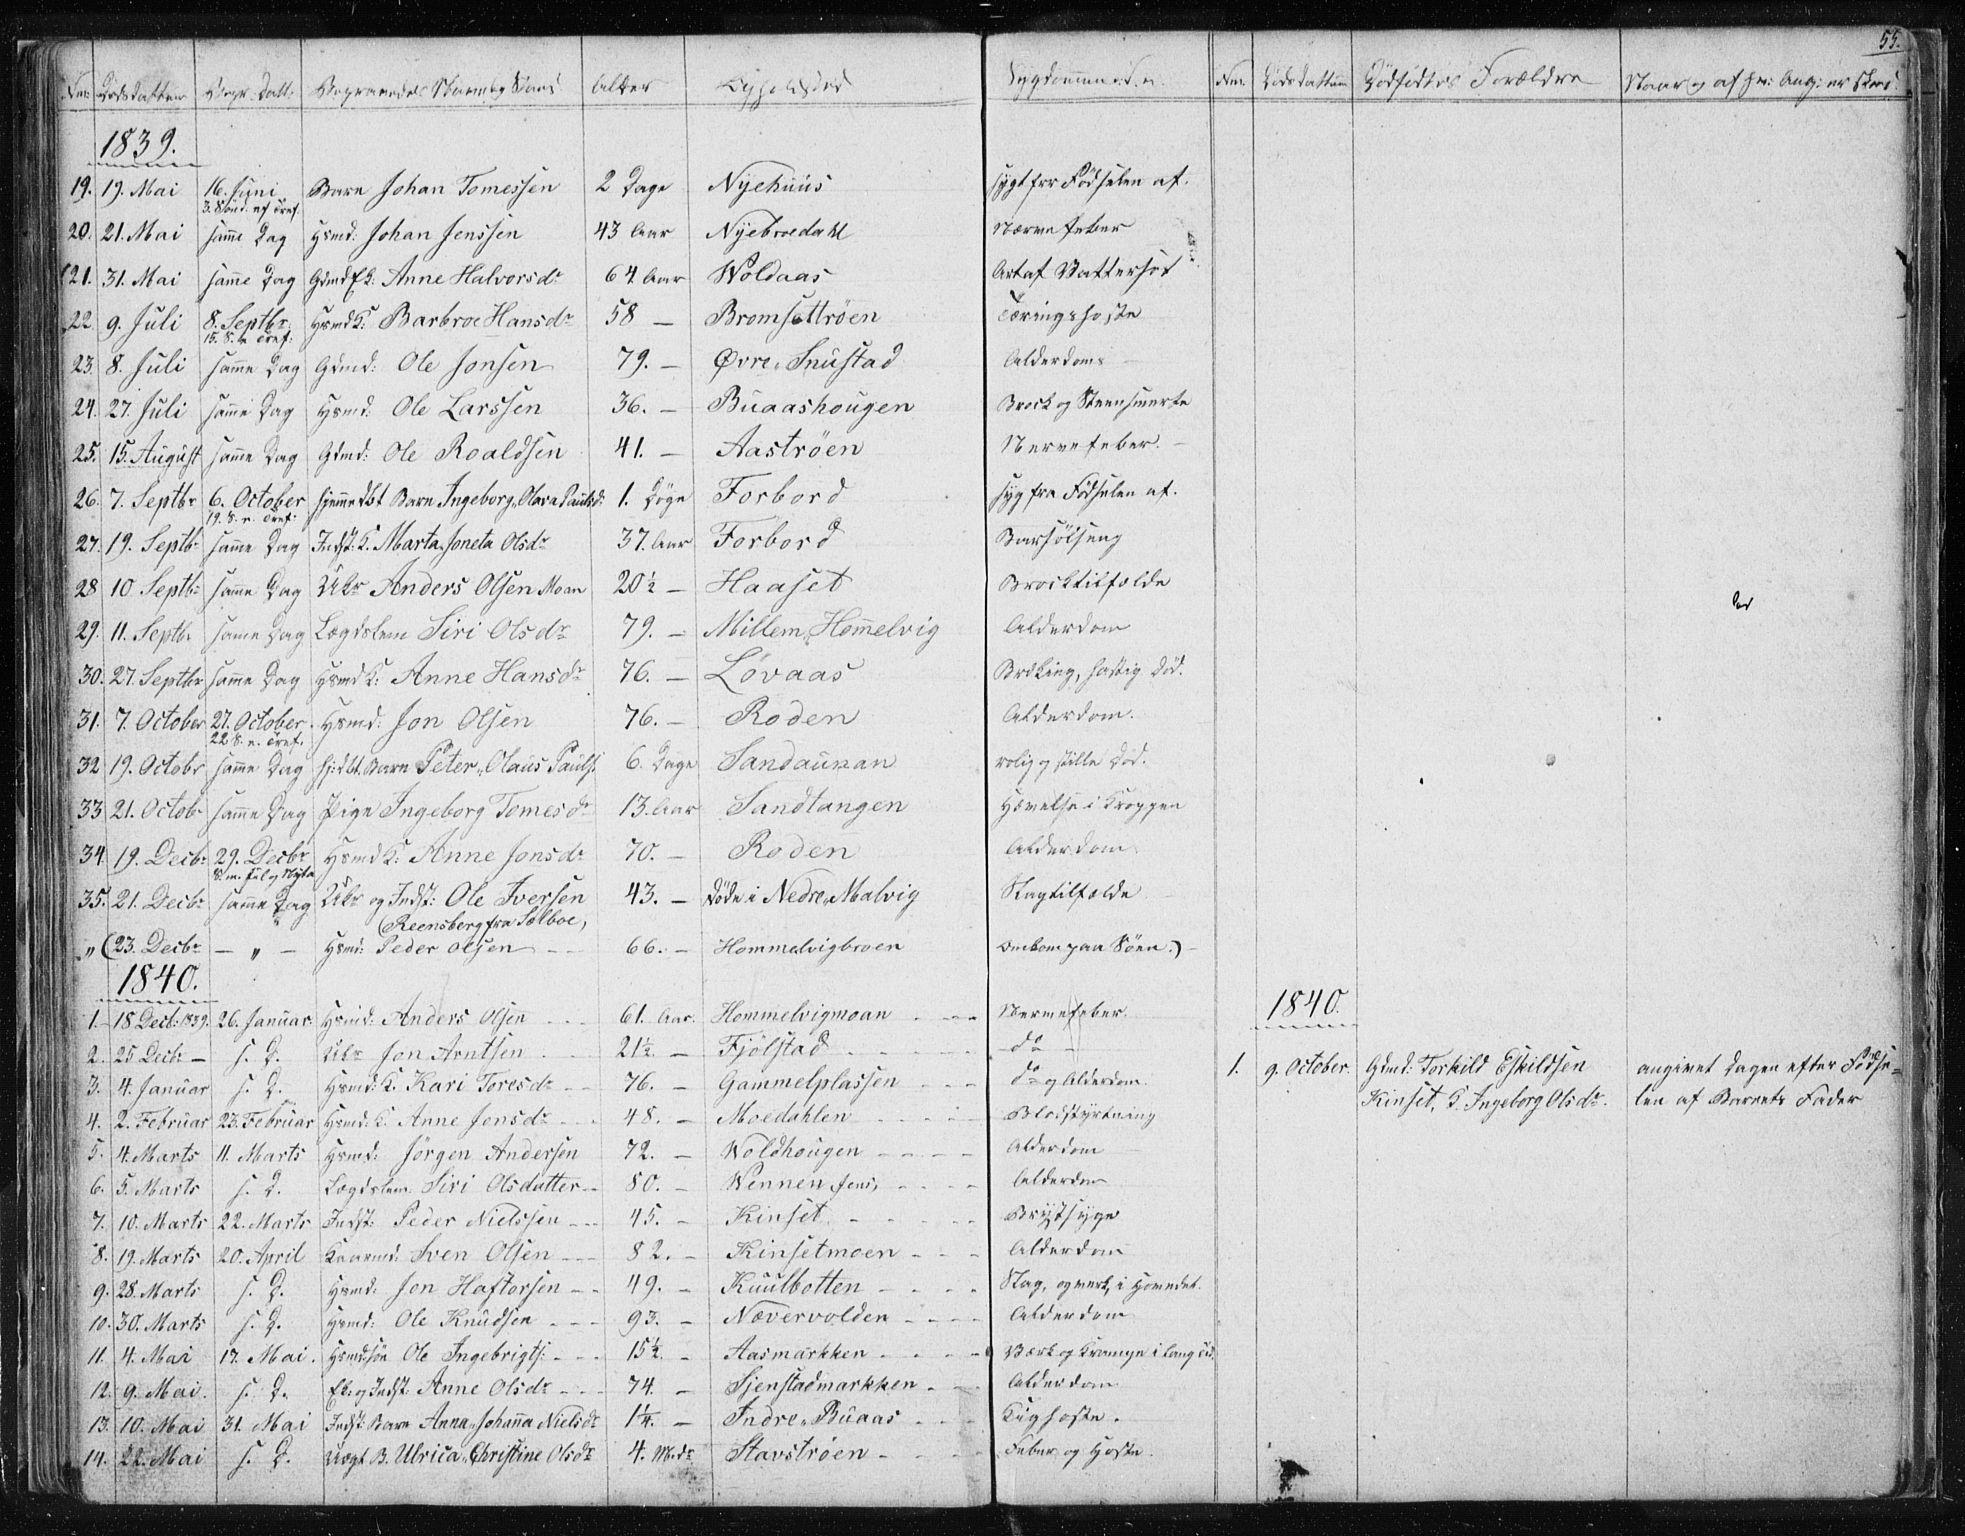 SAT, Ministerialprotokoller, klokkerbøker og fødselsregistre - Sør-Trøndelag, 616/L0405: Ministerialbok nr. 616A02, 1831-1842, s. 55